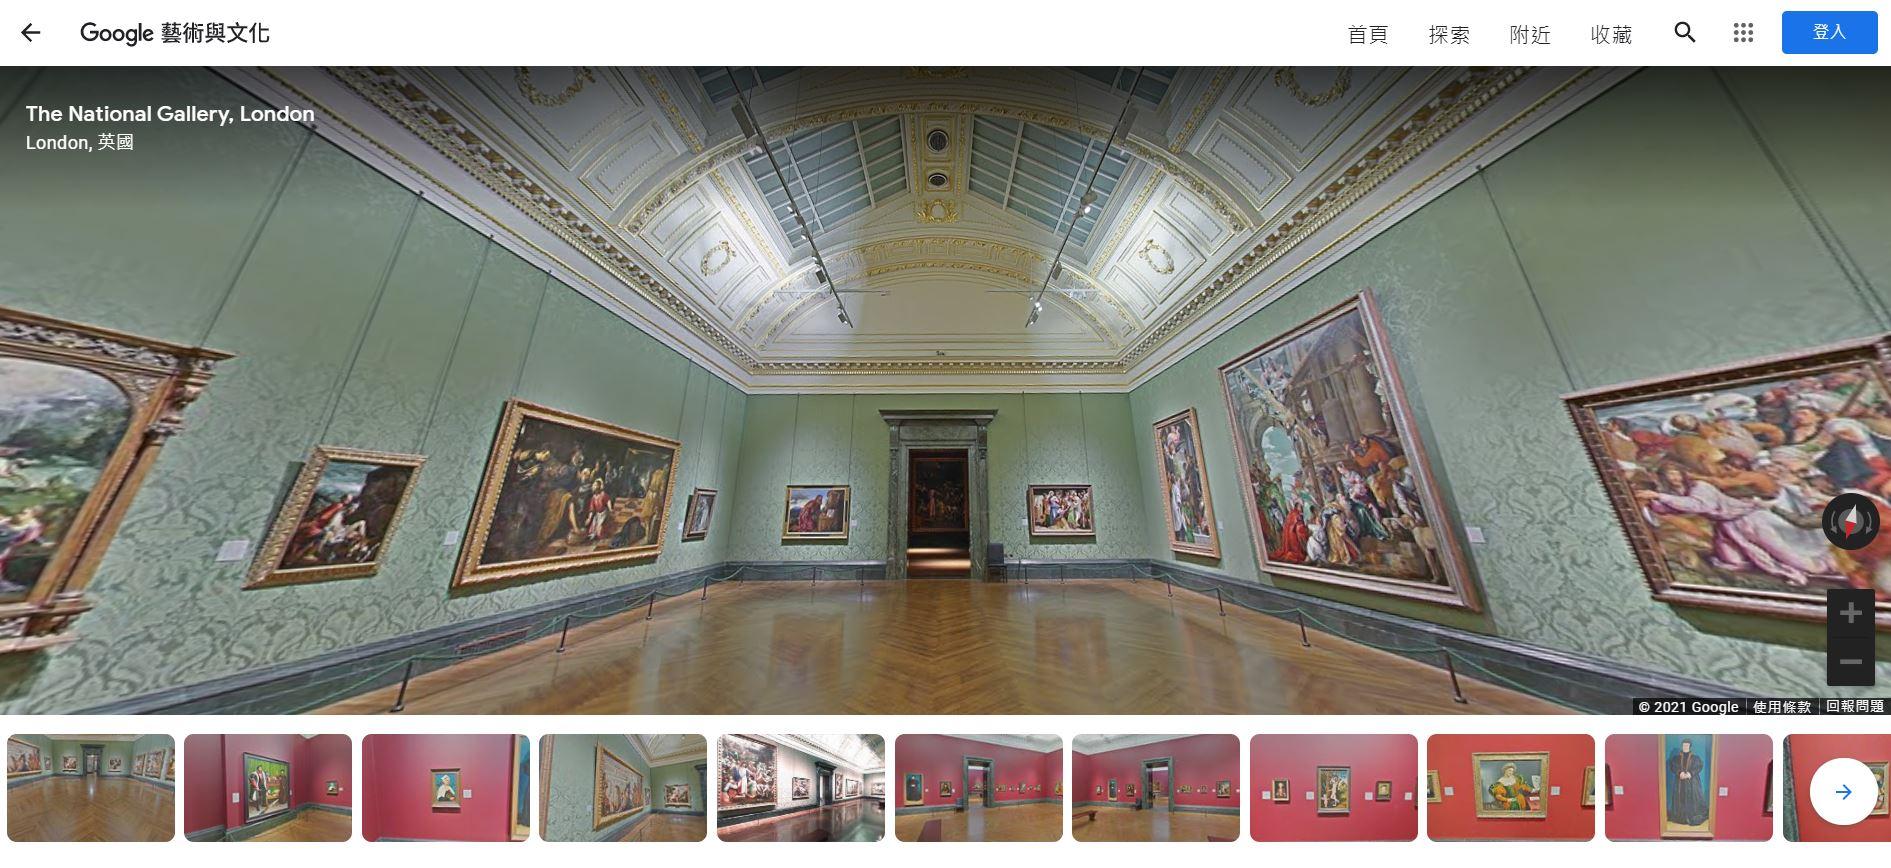 英國倫敦國家美術館,Google Arts & Culture,Google 藝術與文化,倫敦國家畫廊,倫敦國立美術館,倫敦國家藝廊,虛擬實境美術館,線上美術館